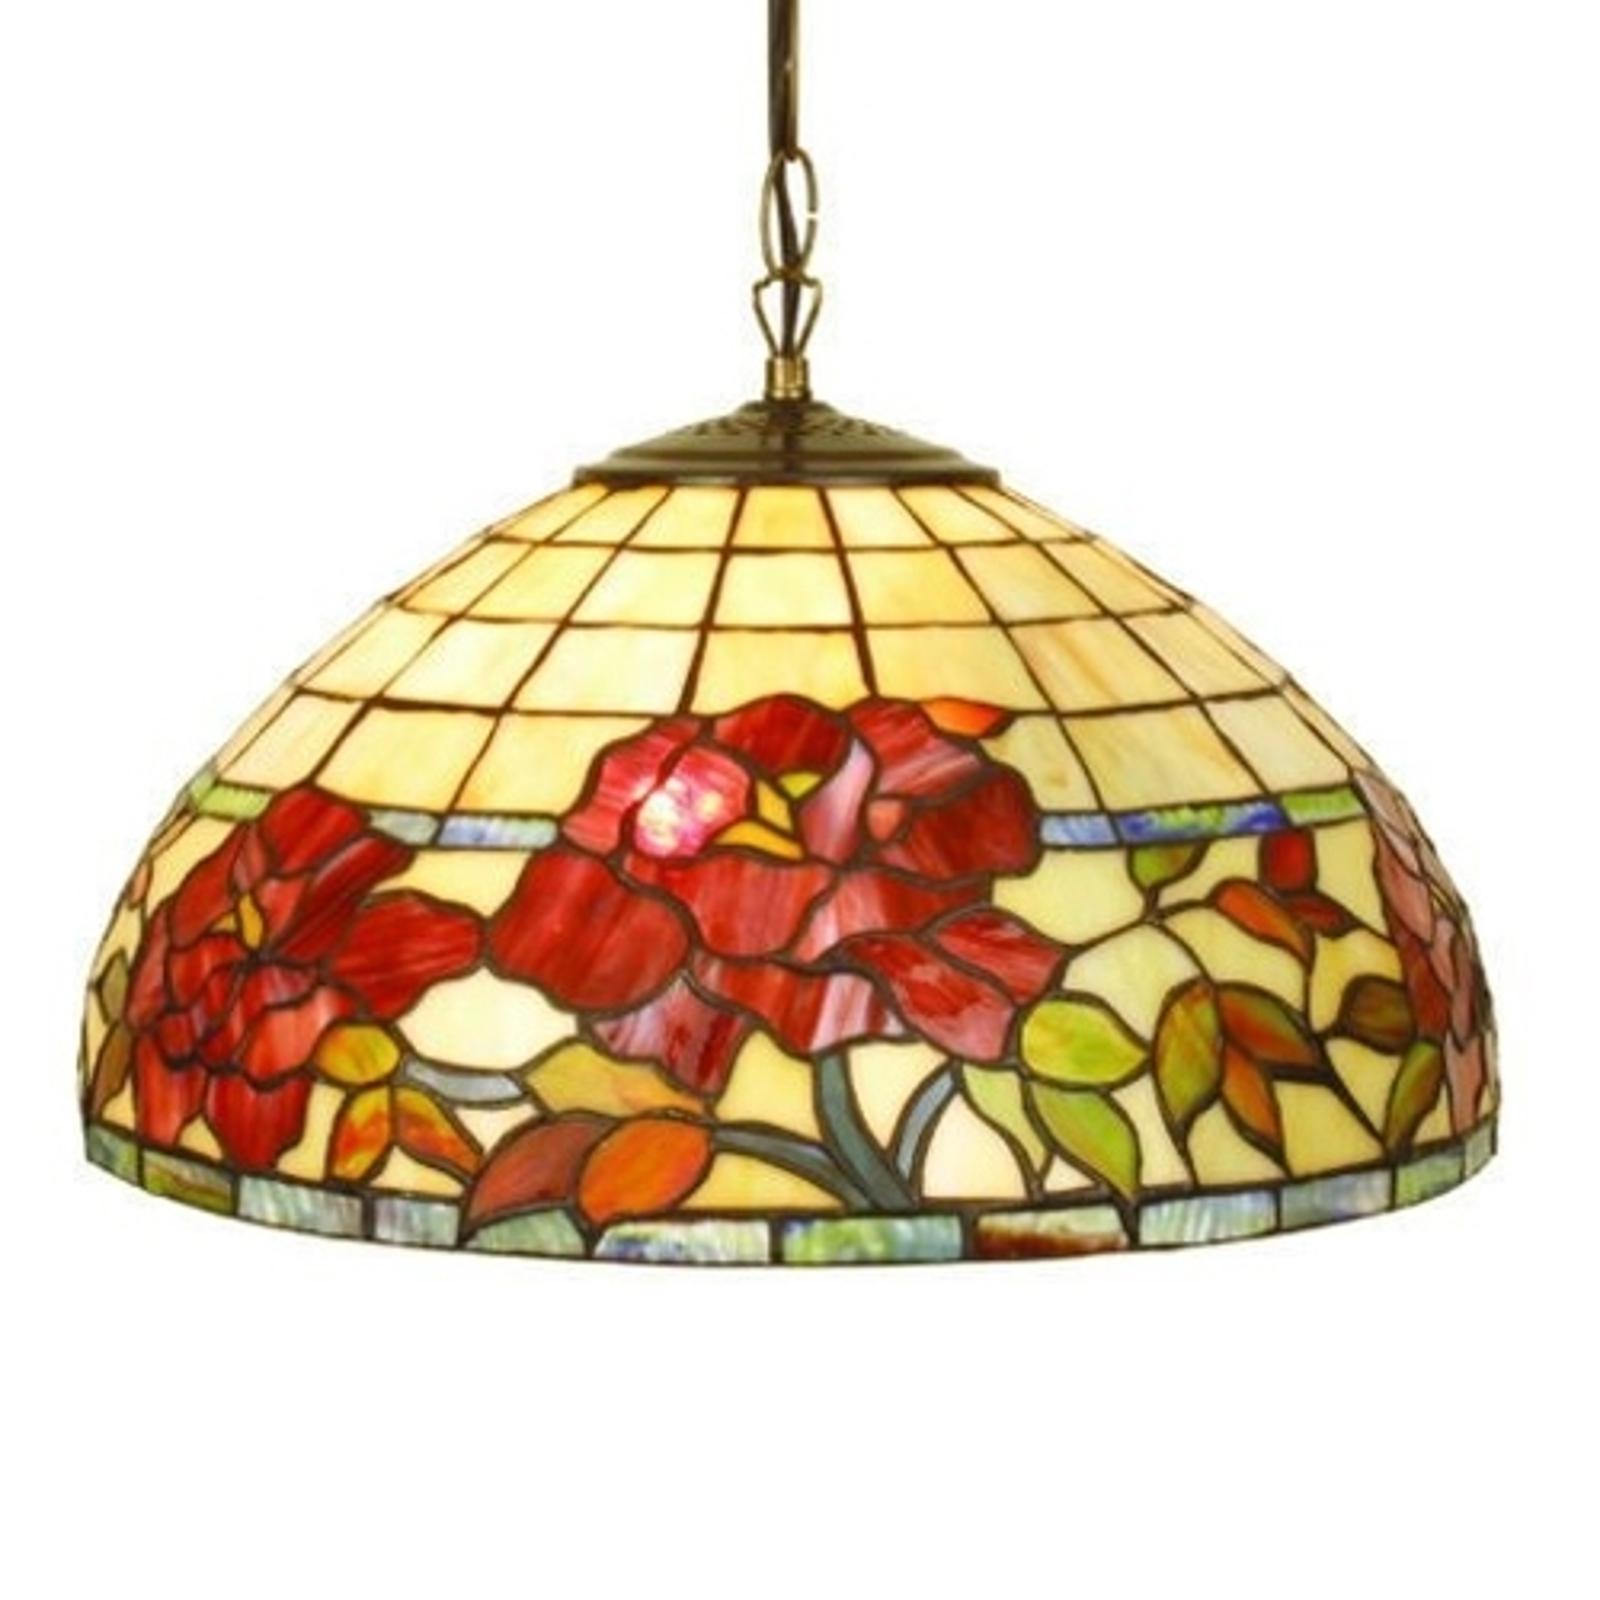 ESMEE umelecká závesná lampa, 1xE27_1032172_1